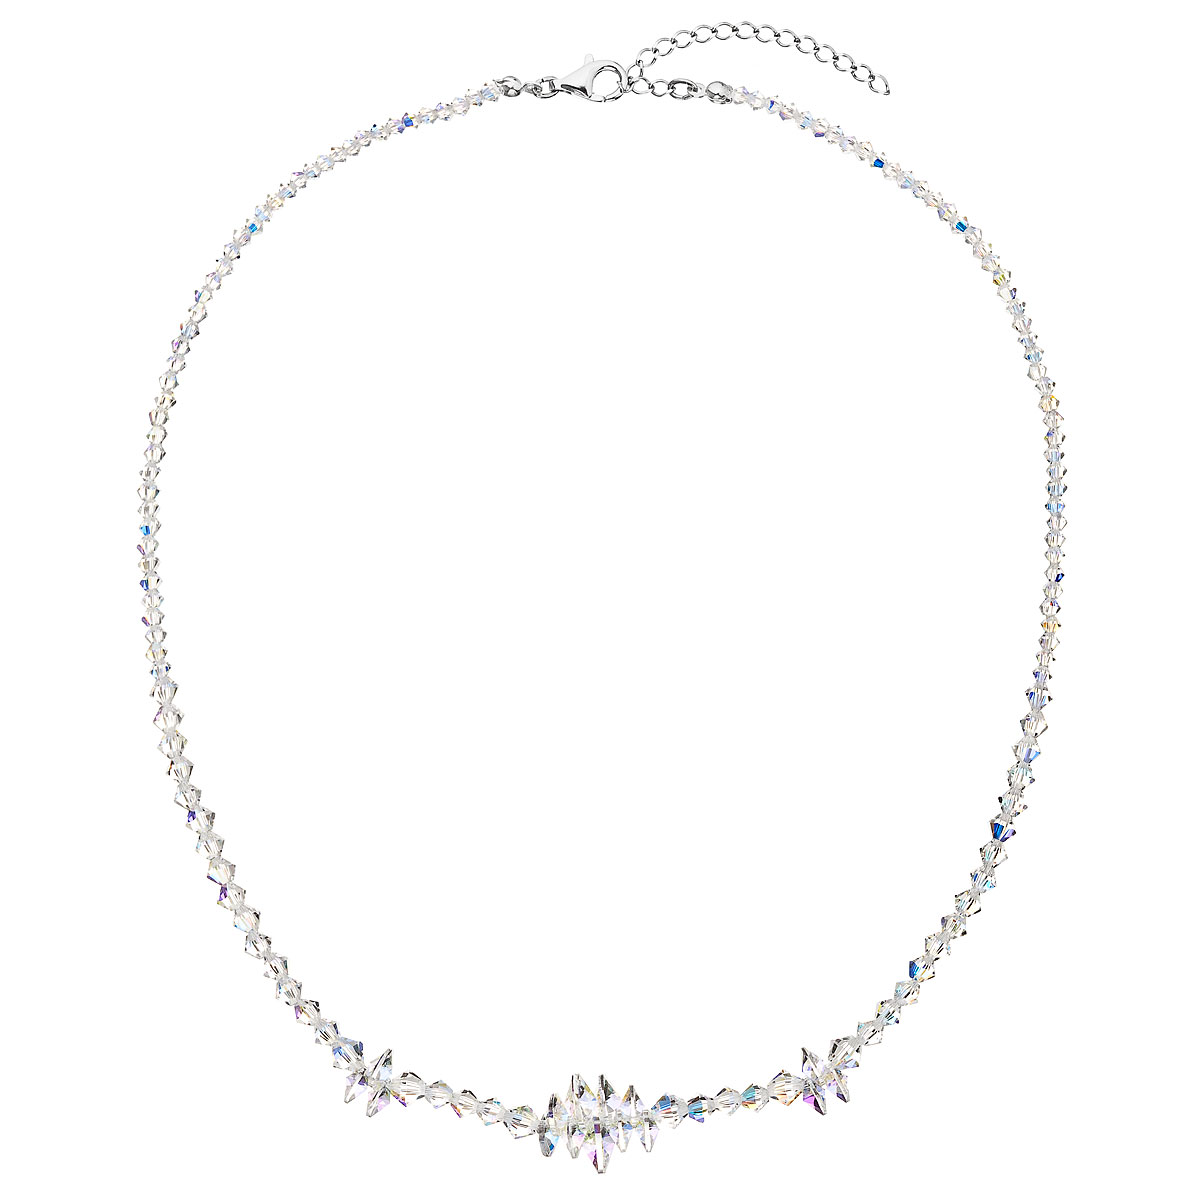 Stříbrný náhrdelník s krystaly Swarovski AB efekt hrozen 32064.2